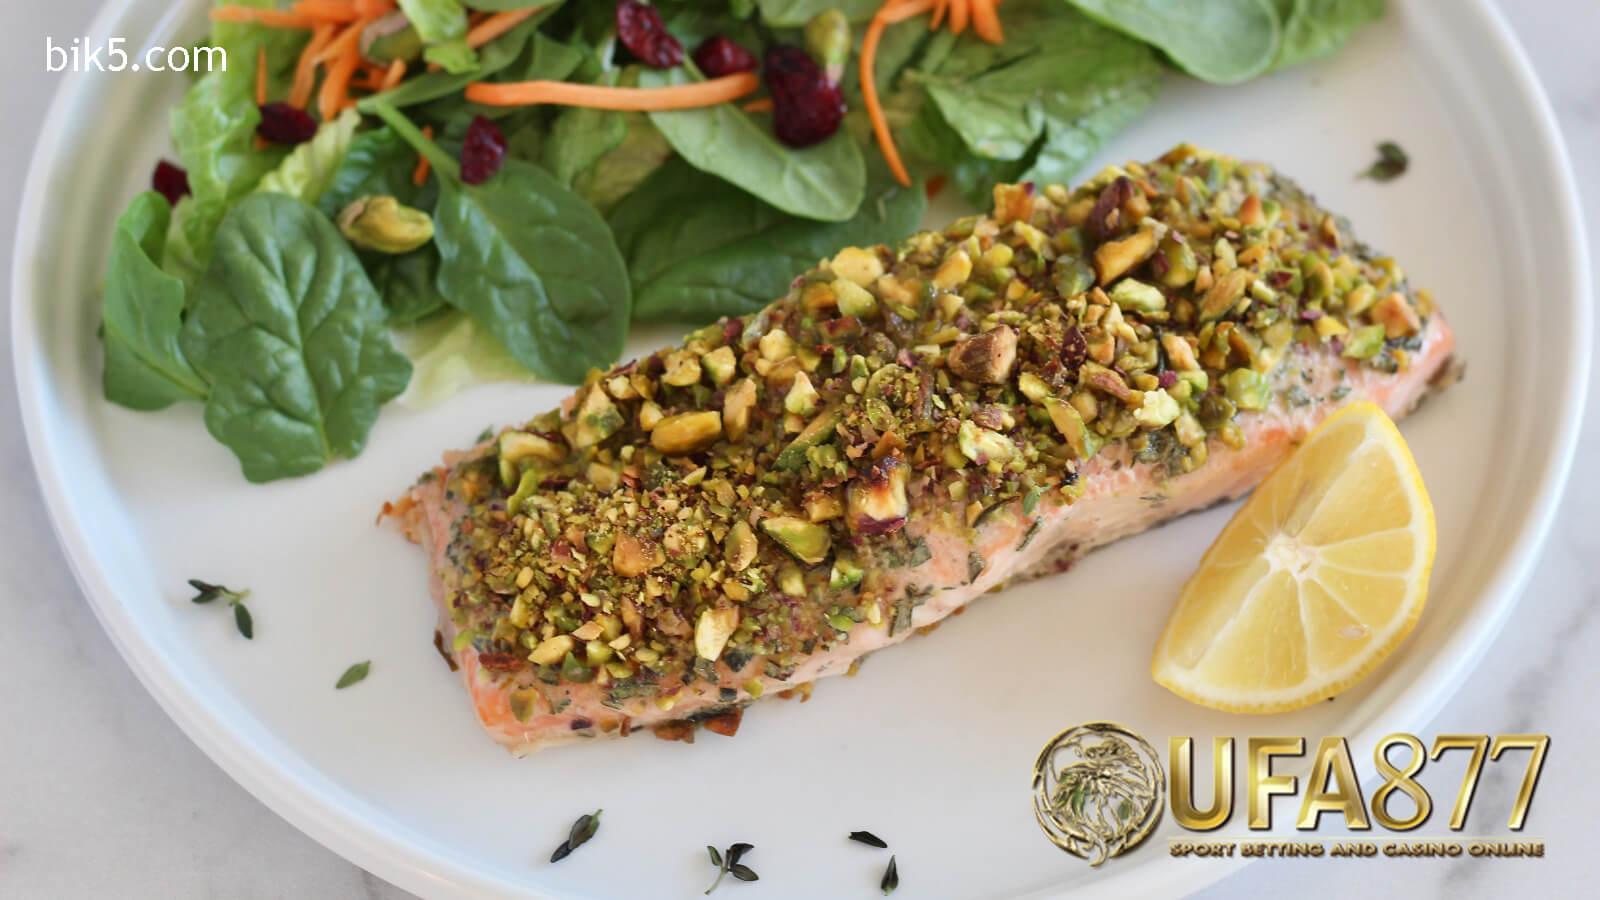 วิธีการทำ Pistachio-crusted salmon